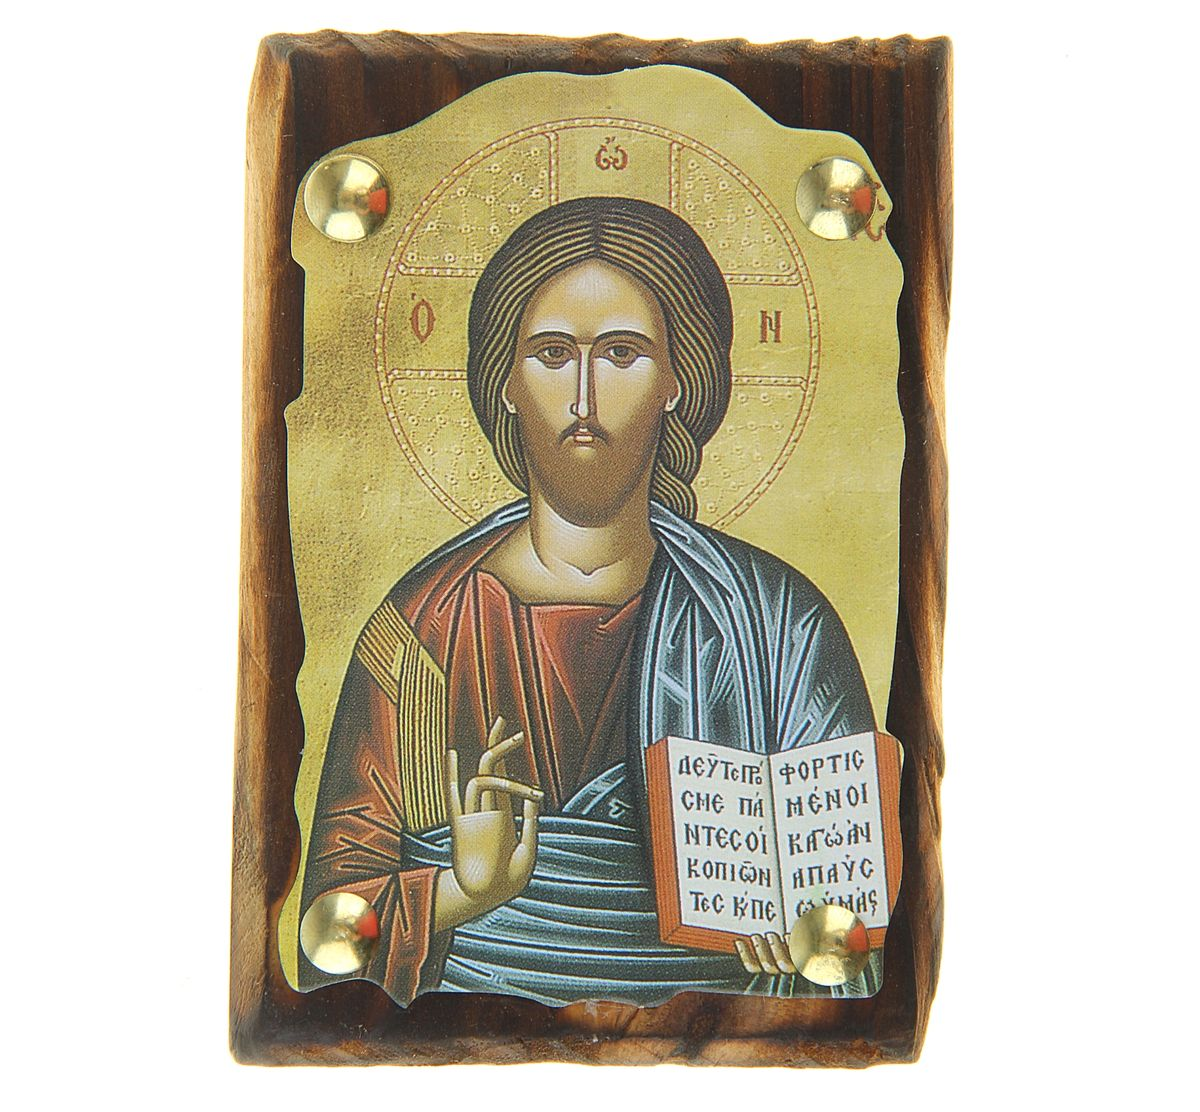 """Икона """"Иисус Христос"""" выполнена из картона, с нанесенным изображением, который крепиться на деревянную дощечку, обработанную огнем. На обратной стороне имеется отверстие, благодаря которому икону удобно вешать на стену. Изображенный образ полностью соответствует канонам Русской Православной Церкви. Такая икона будет прекрасным подарком с духовной составляющей."""